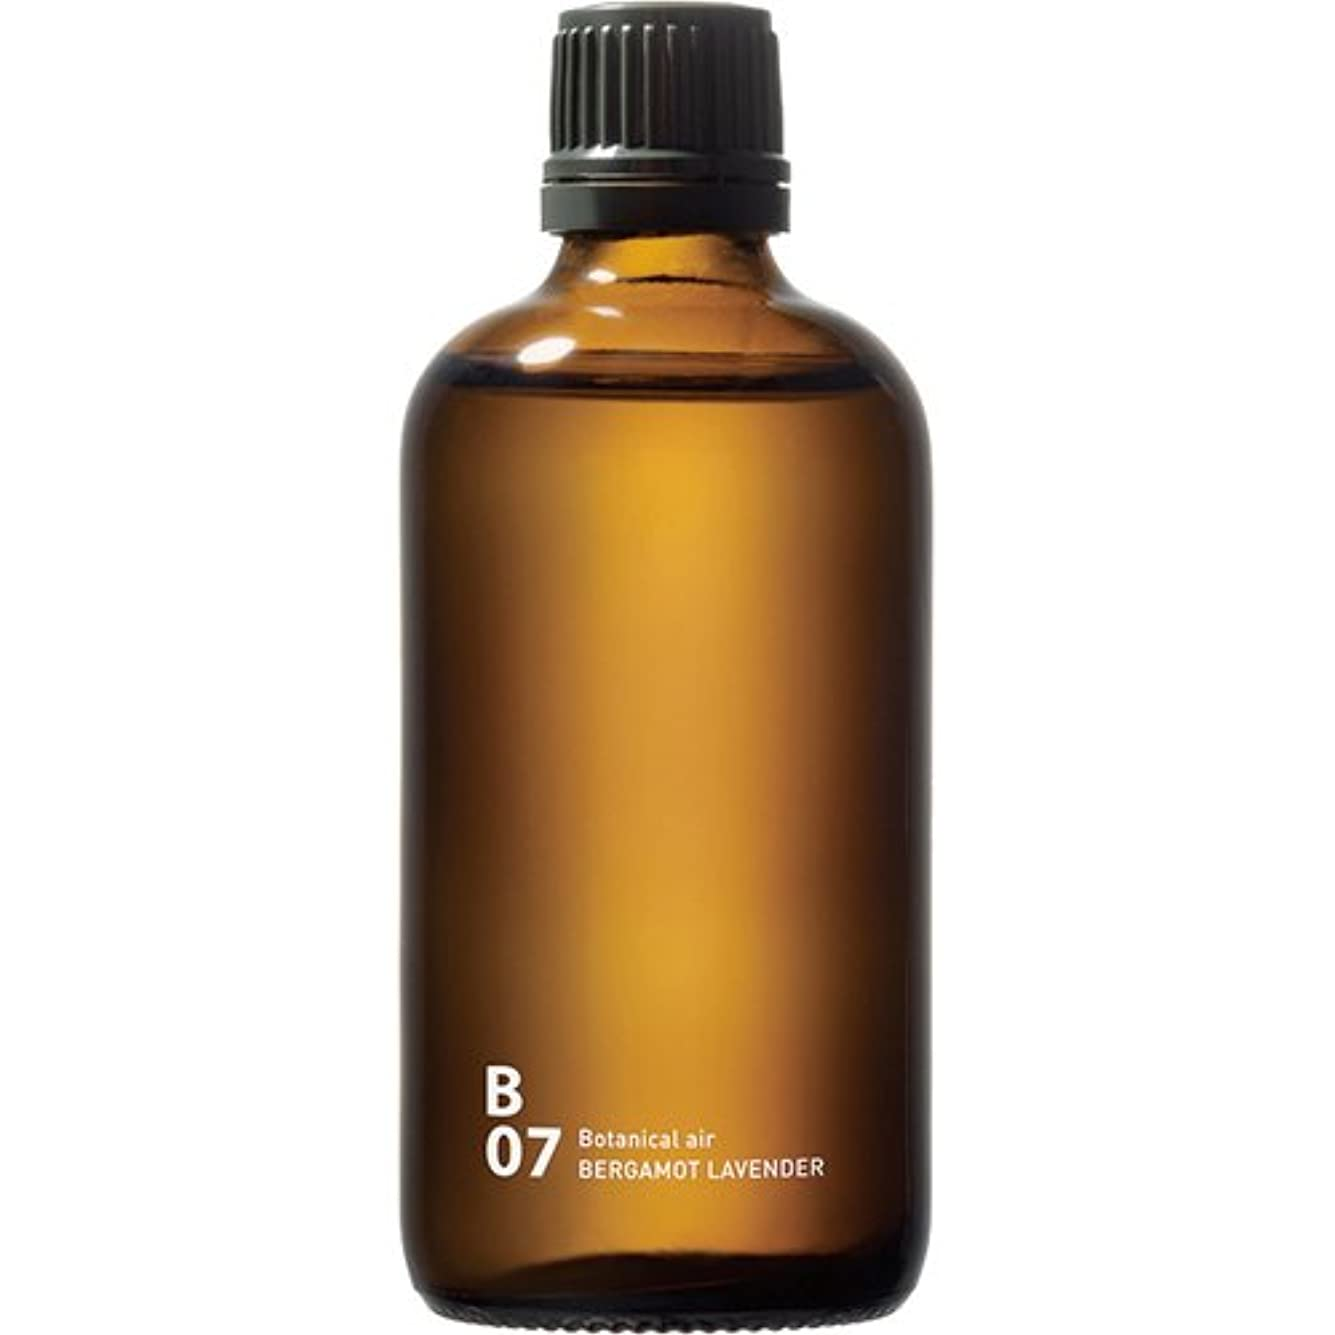 降伏レビュー微弱B07 BERGAMOT LAVENDER piezo aroma oil 100ml